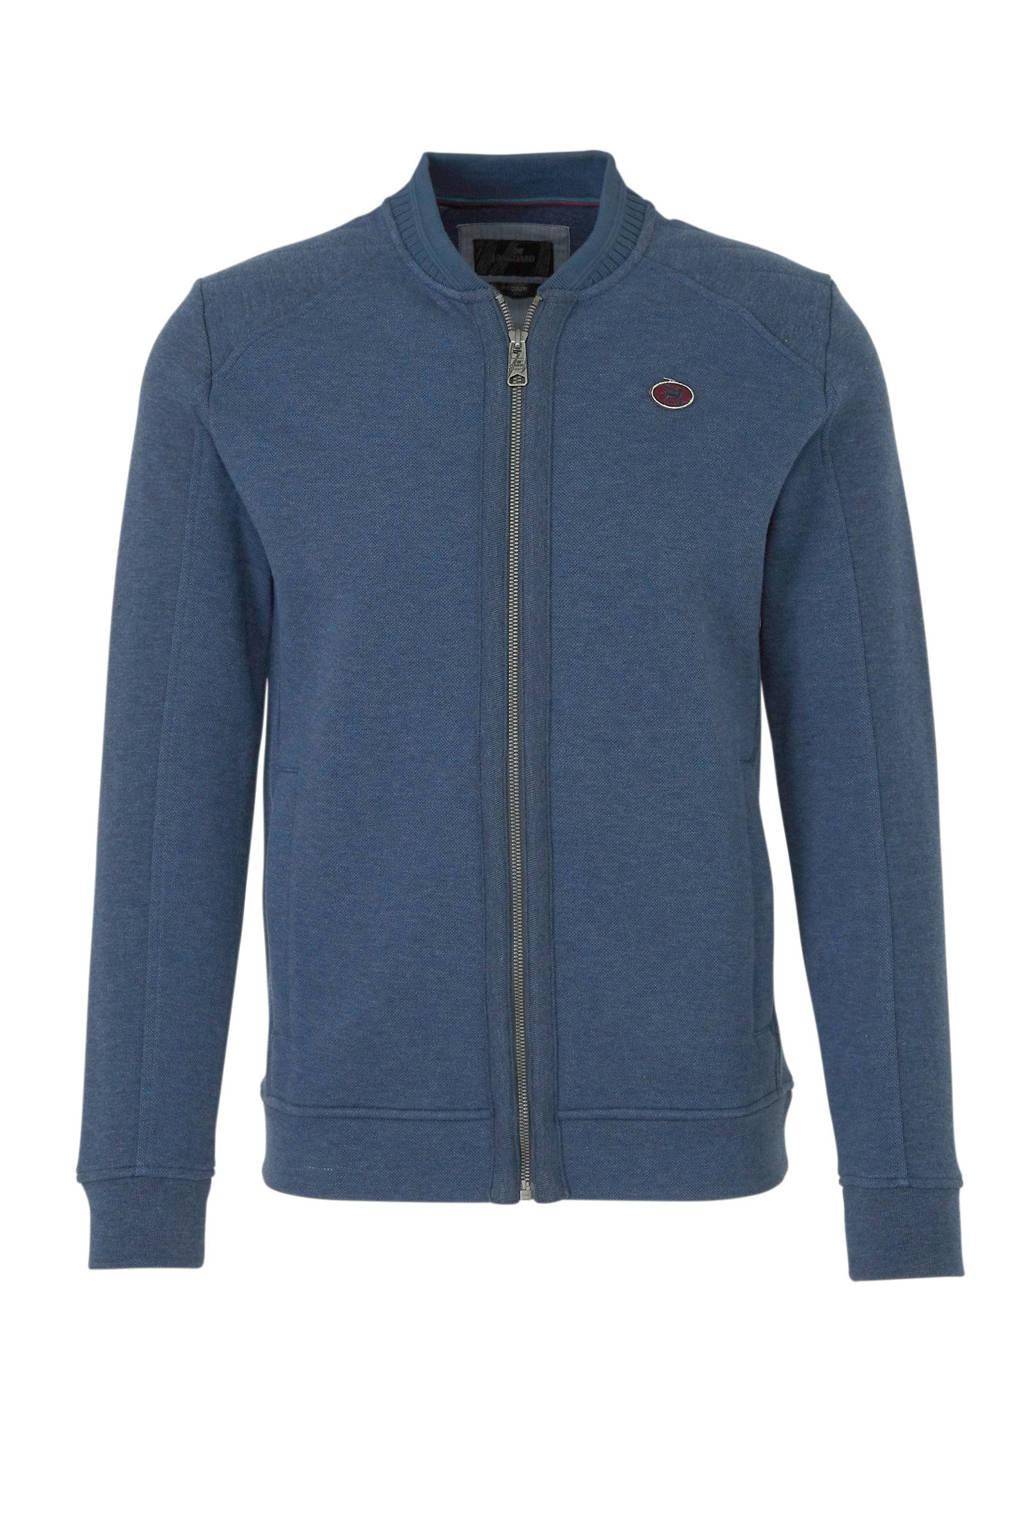 Vanguard vest blauw, Blauw